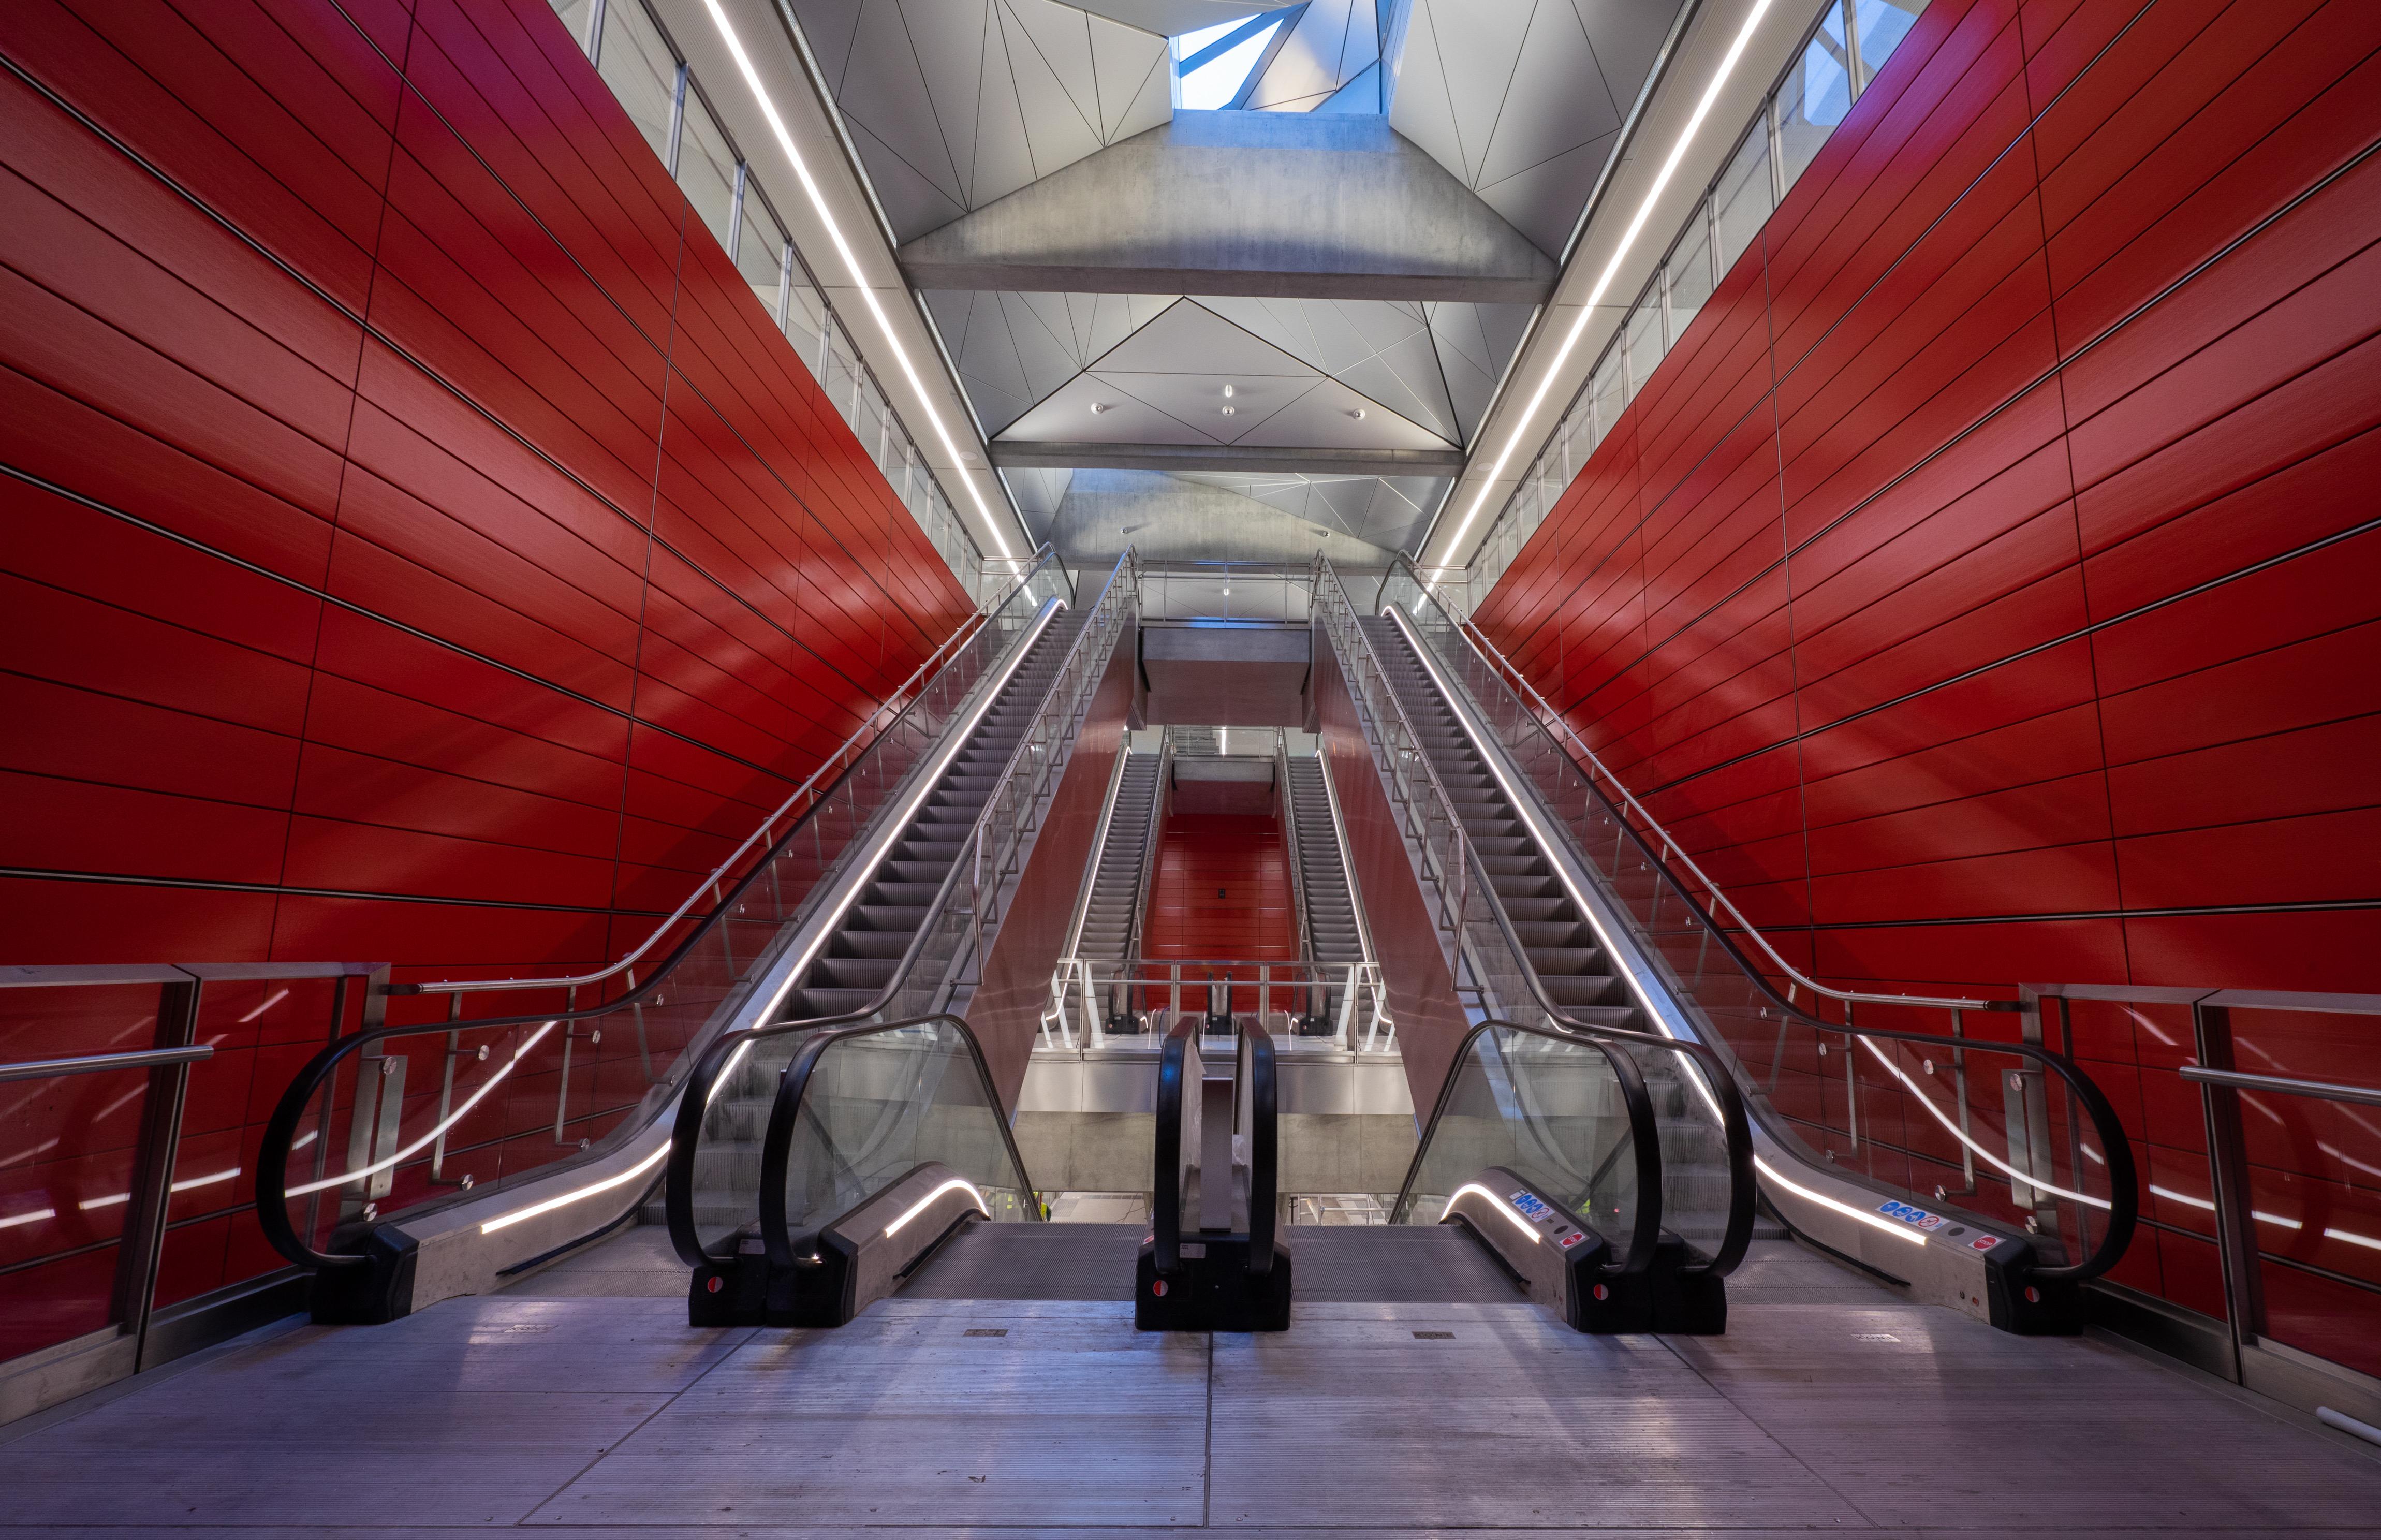 Teatergrad iscenesætter åbningsshowet for Metro Cityringen